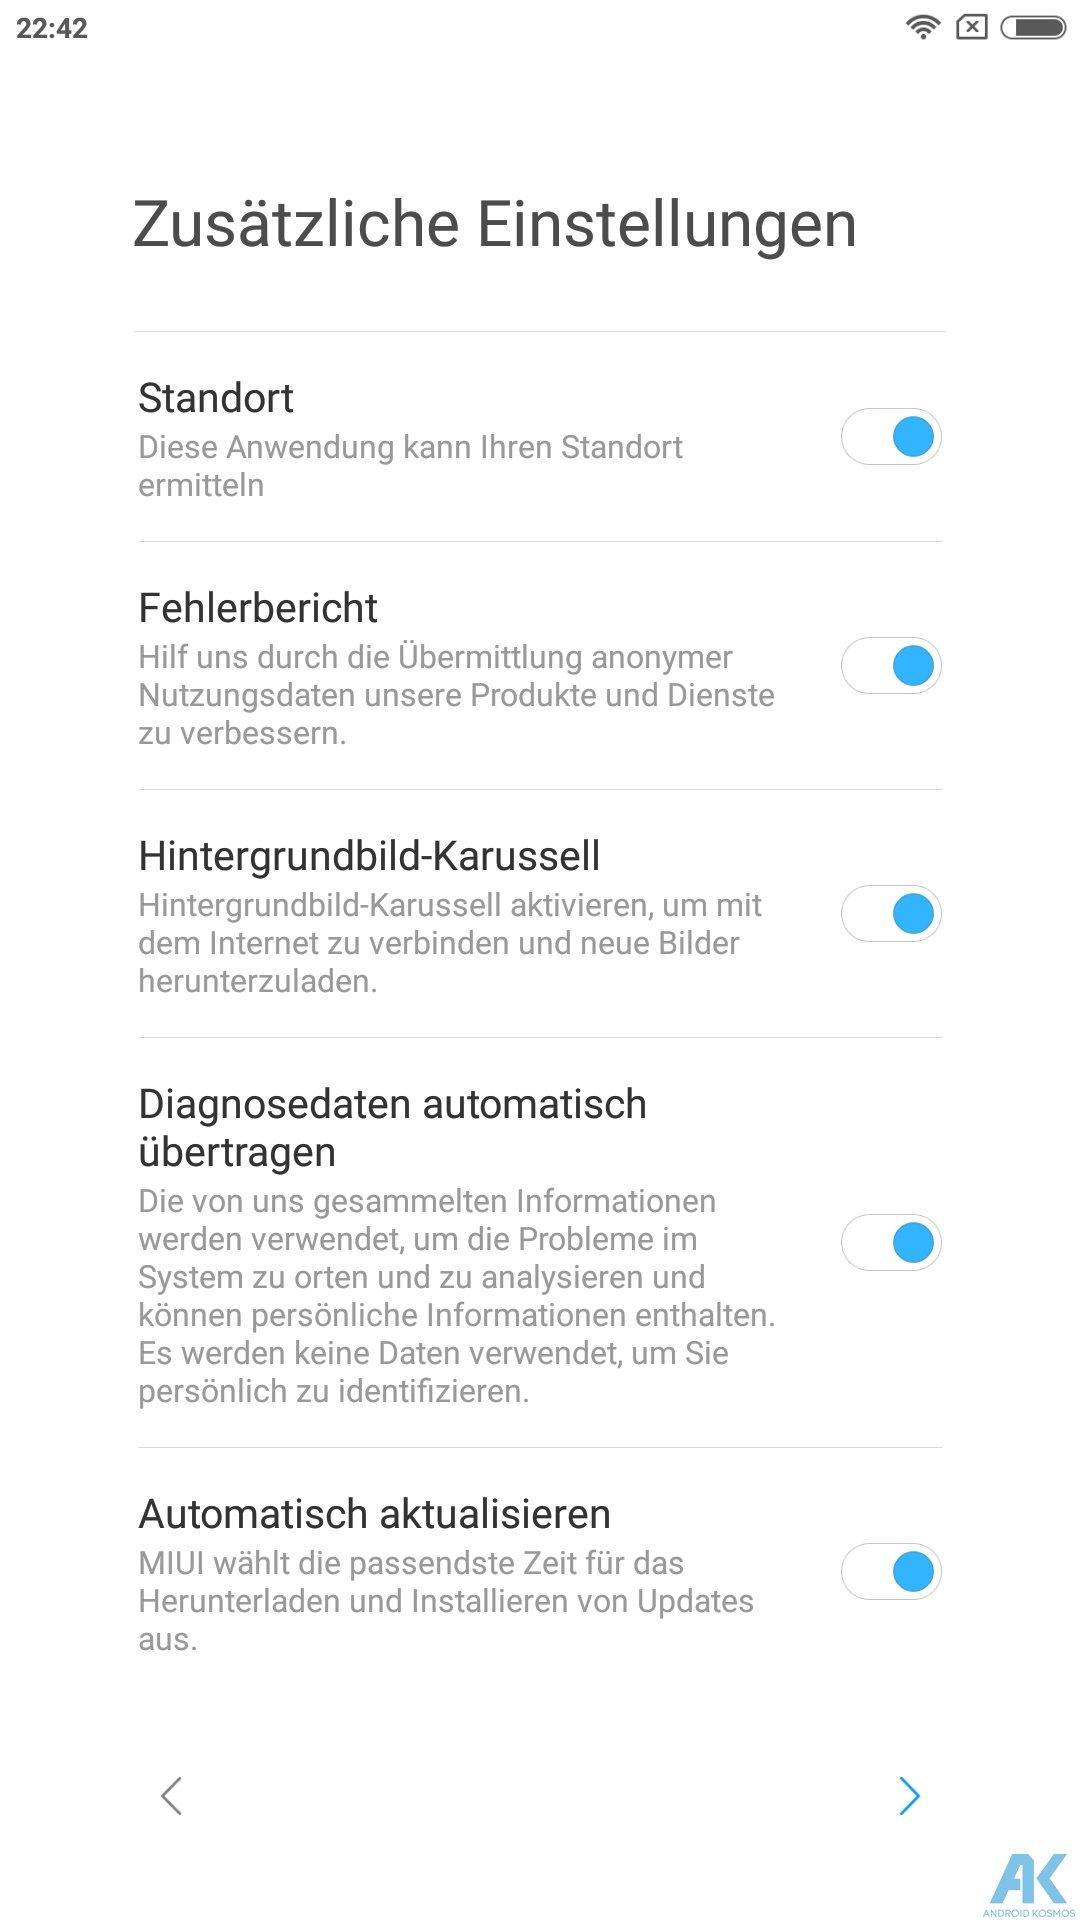 Xiaomi Mi Max 2 Test: Das Phablet ist ein wahrer Akkugigant 27